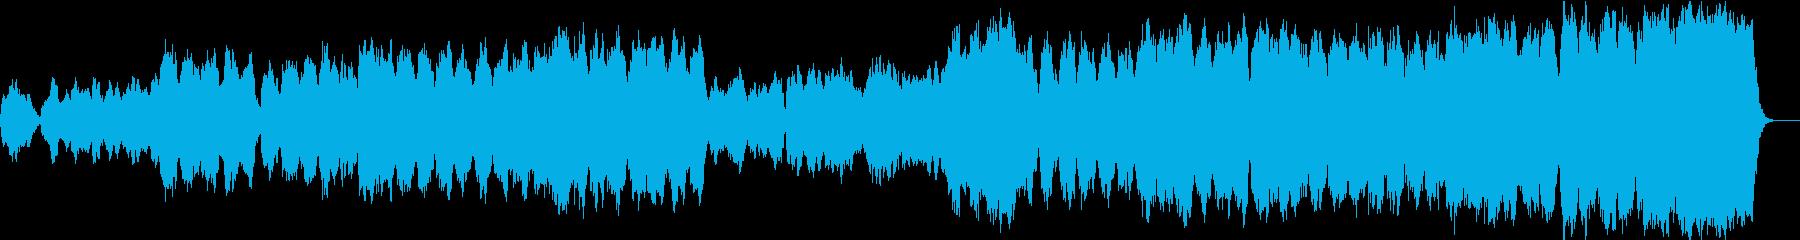 オーケストラサウンドのドラマのOPの再生済みの波形